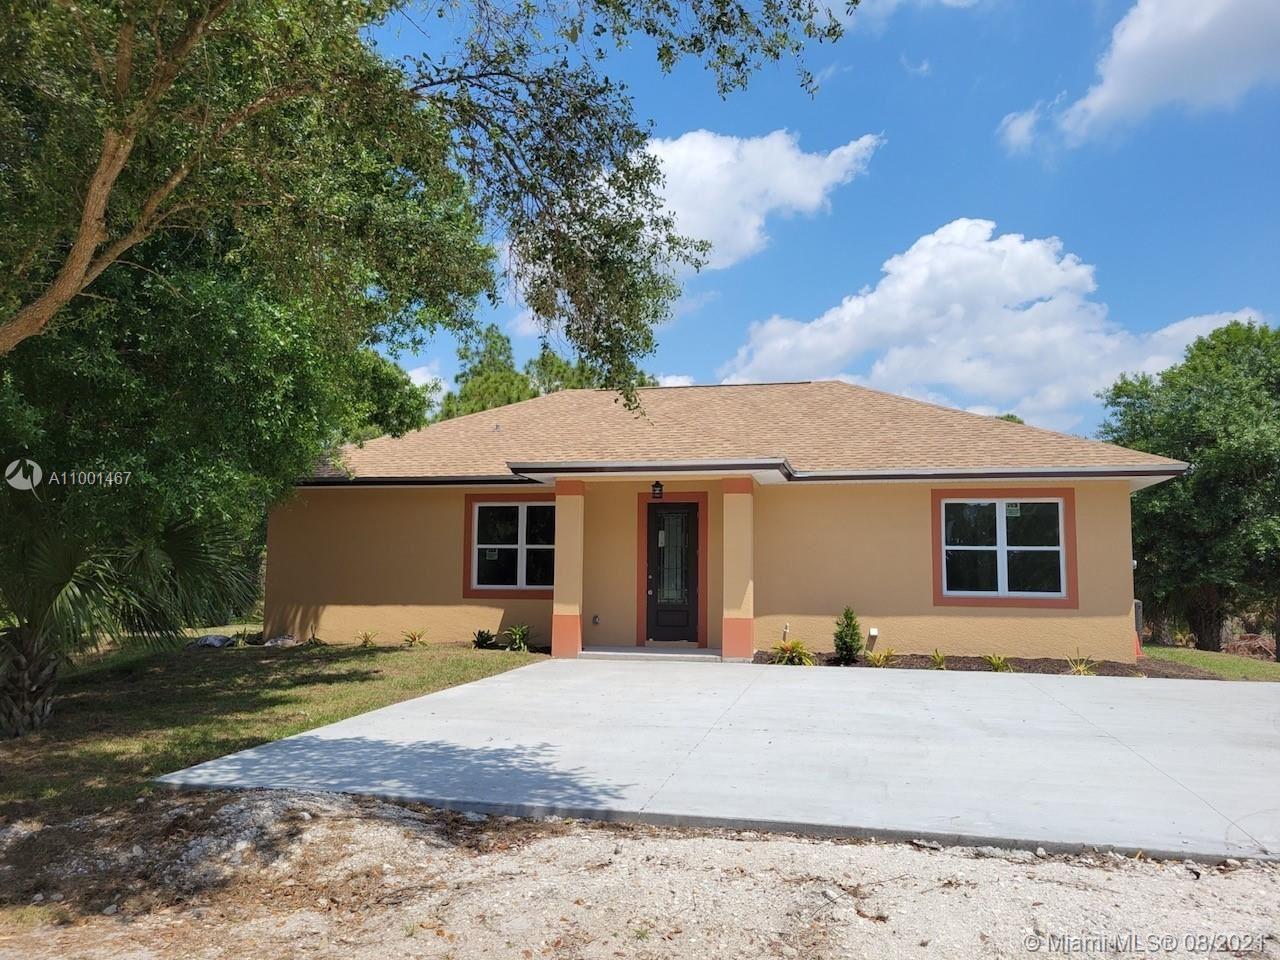 533 Horse Club, Clewiston, FL 33440 - #: A11001467